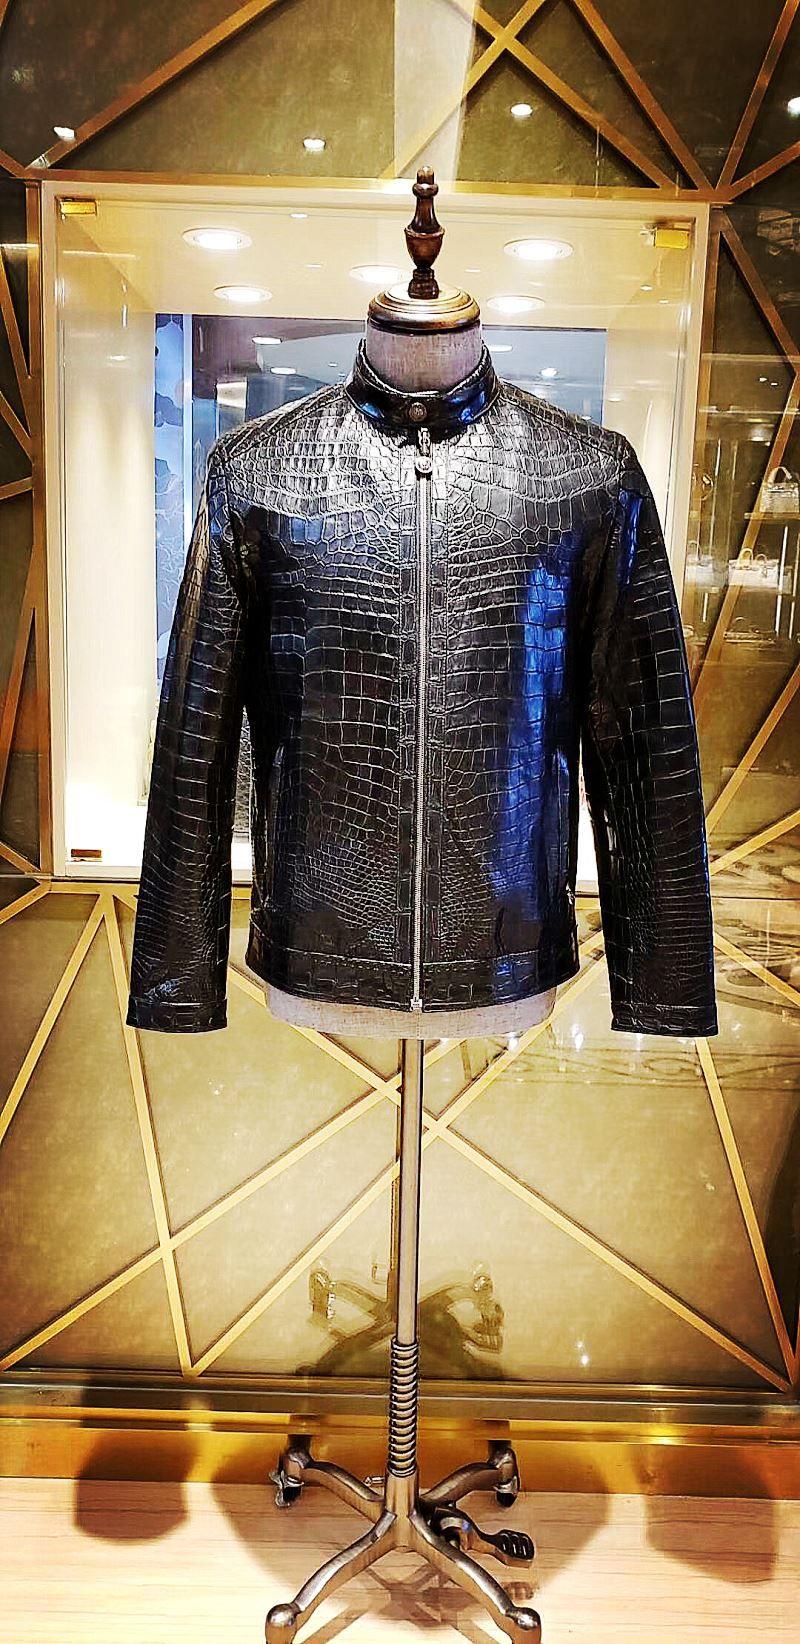 Genuine Alligator Skin Jacket in 2020 Jackets, Urban